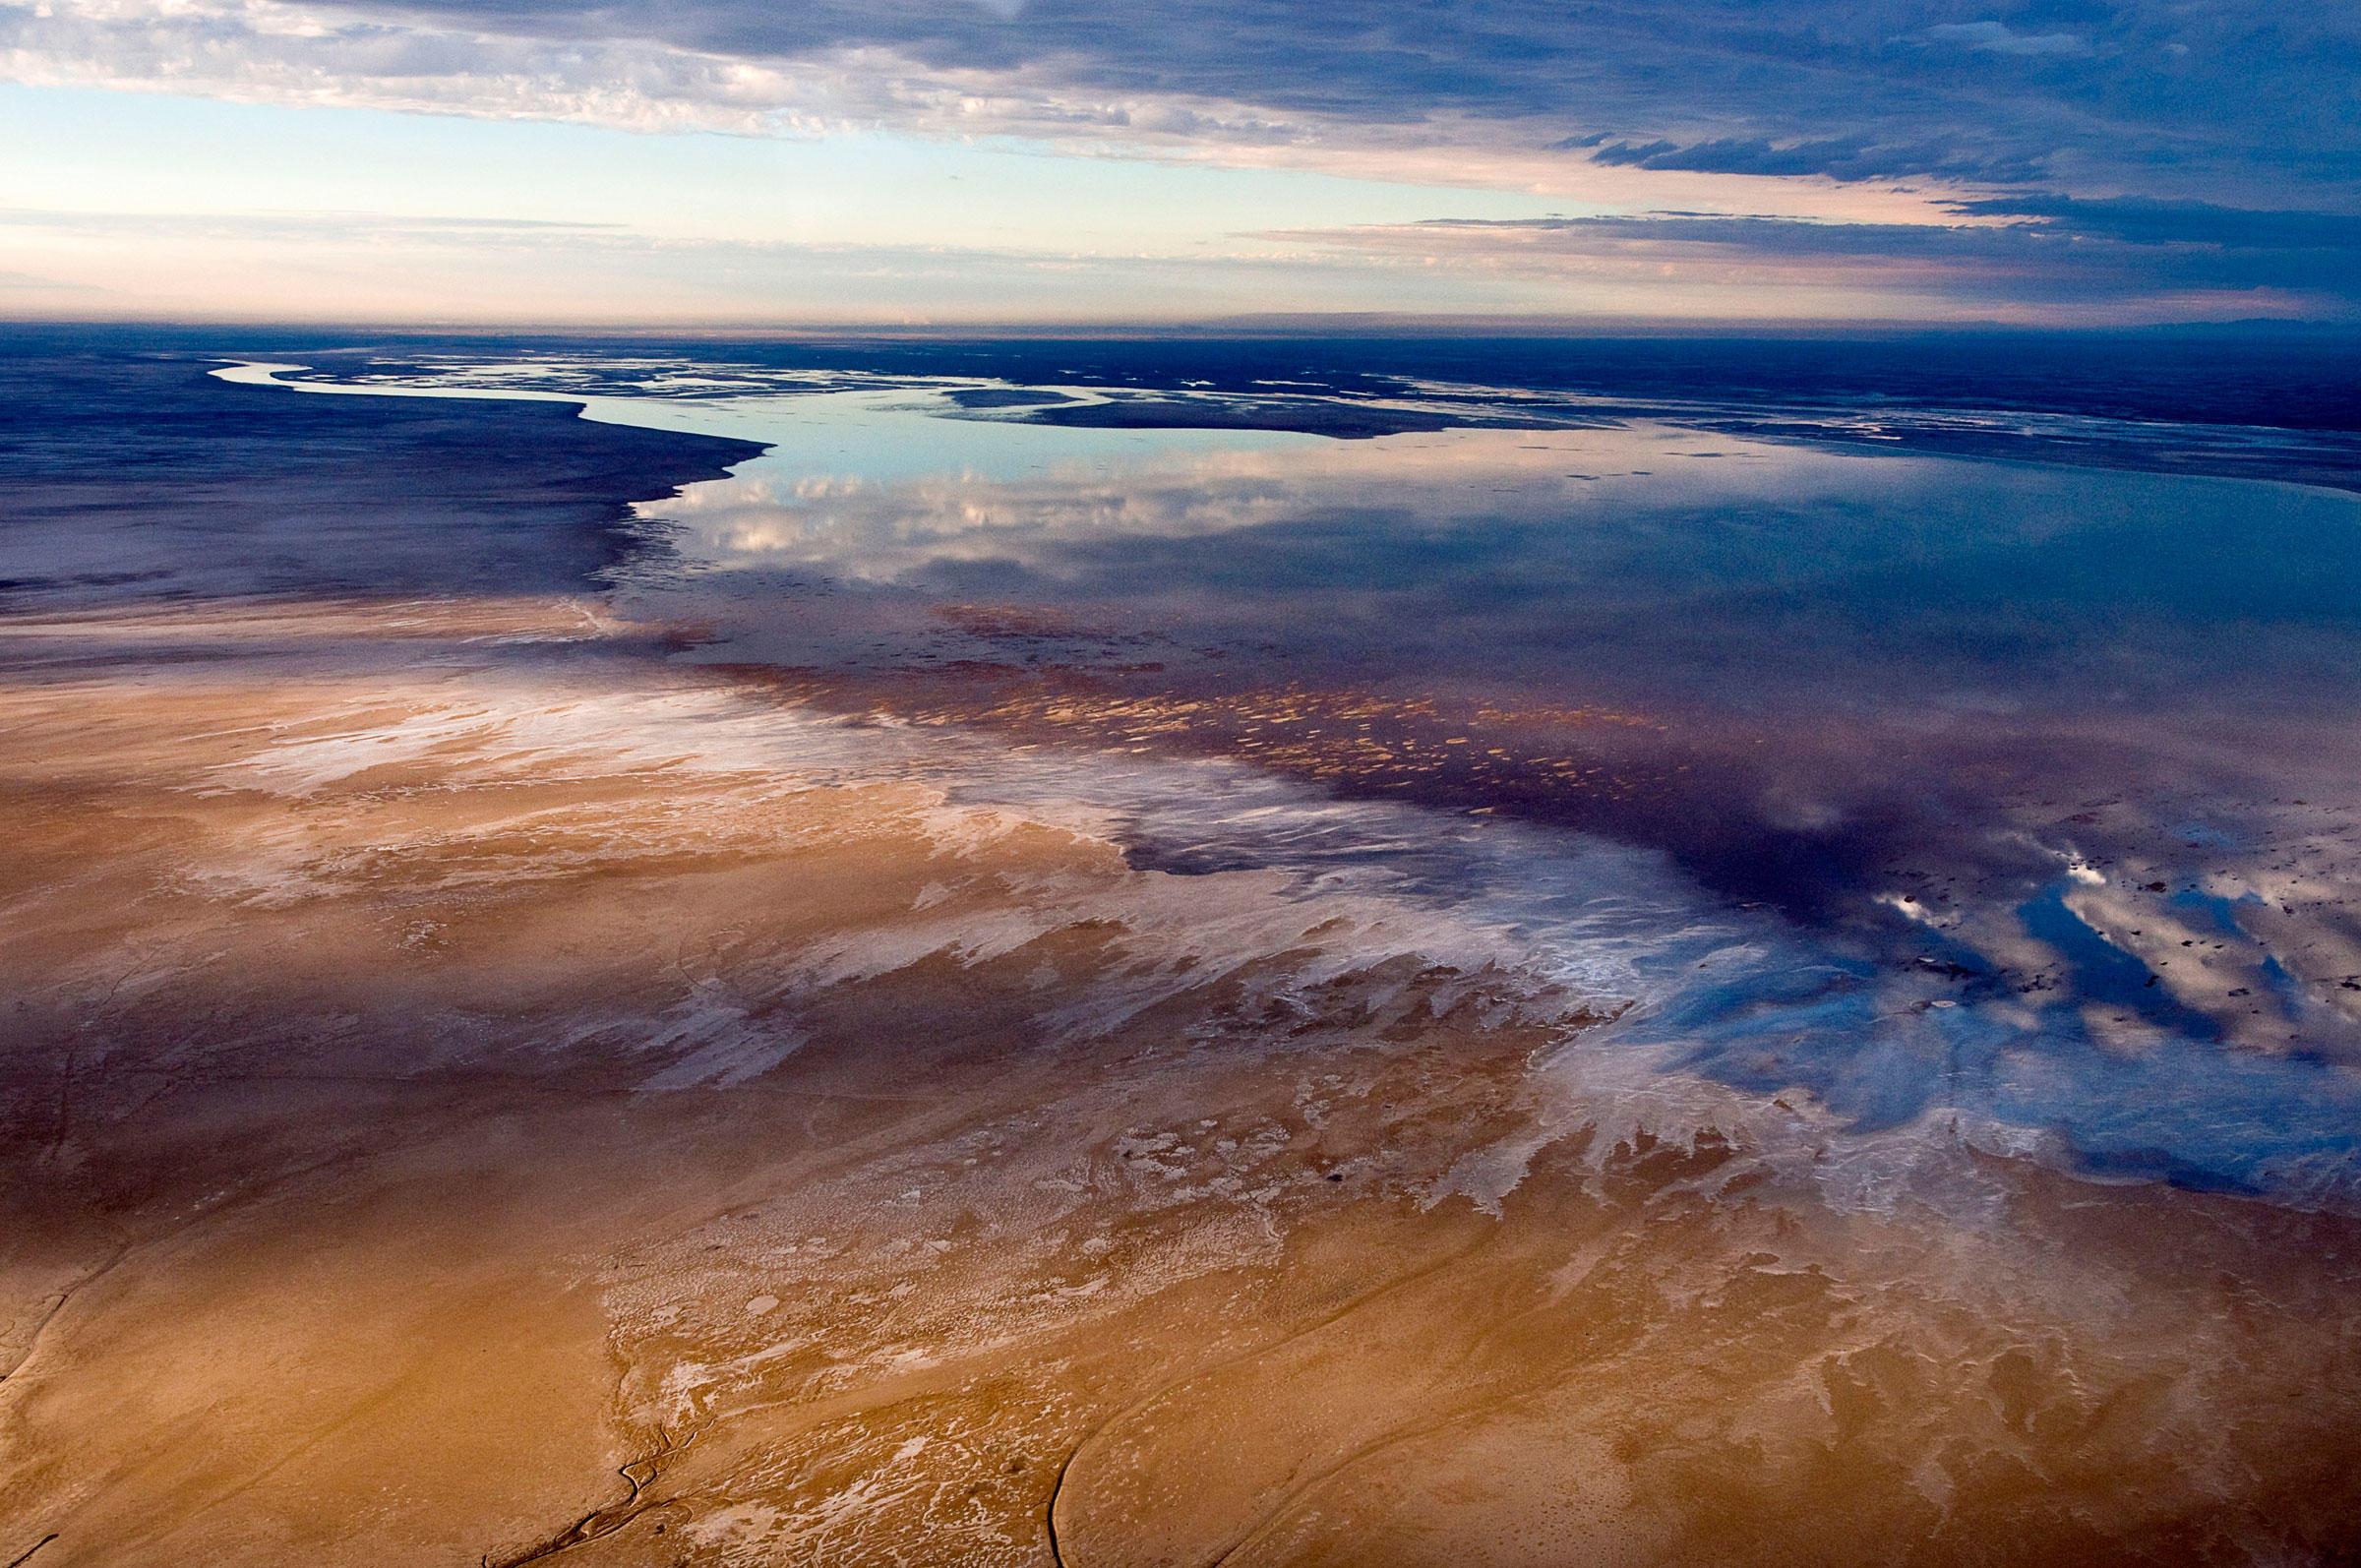 The 40,000-acre Ciénega de Santa Clara in the Colorado River Delta in Sonora, Mexico, is an accidental wetland created by discarded farm water. Peter McBride